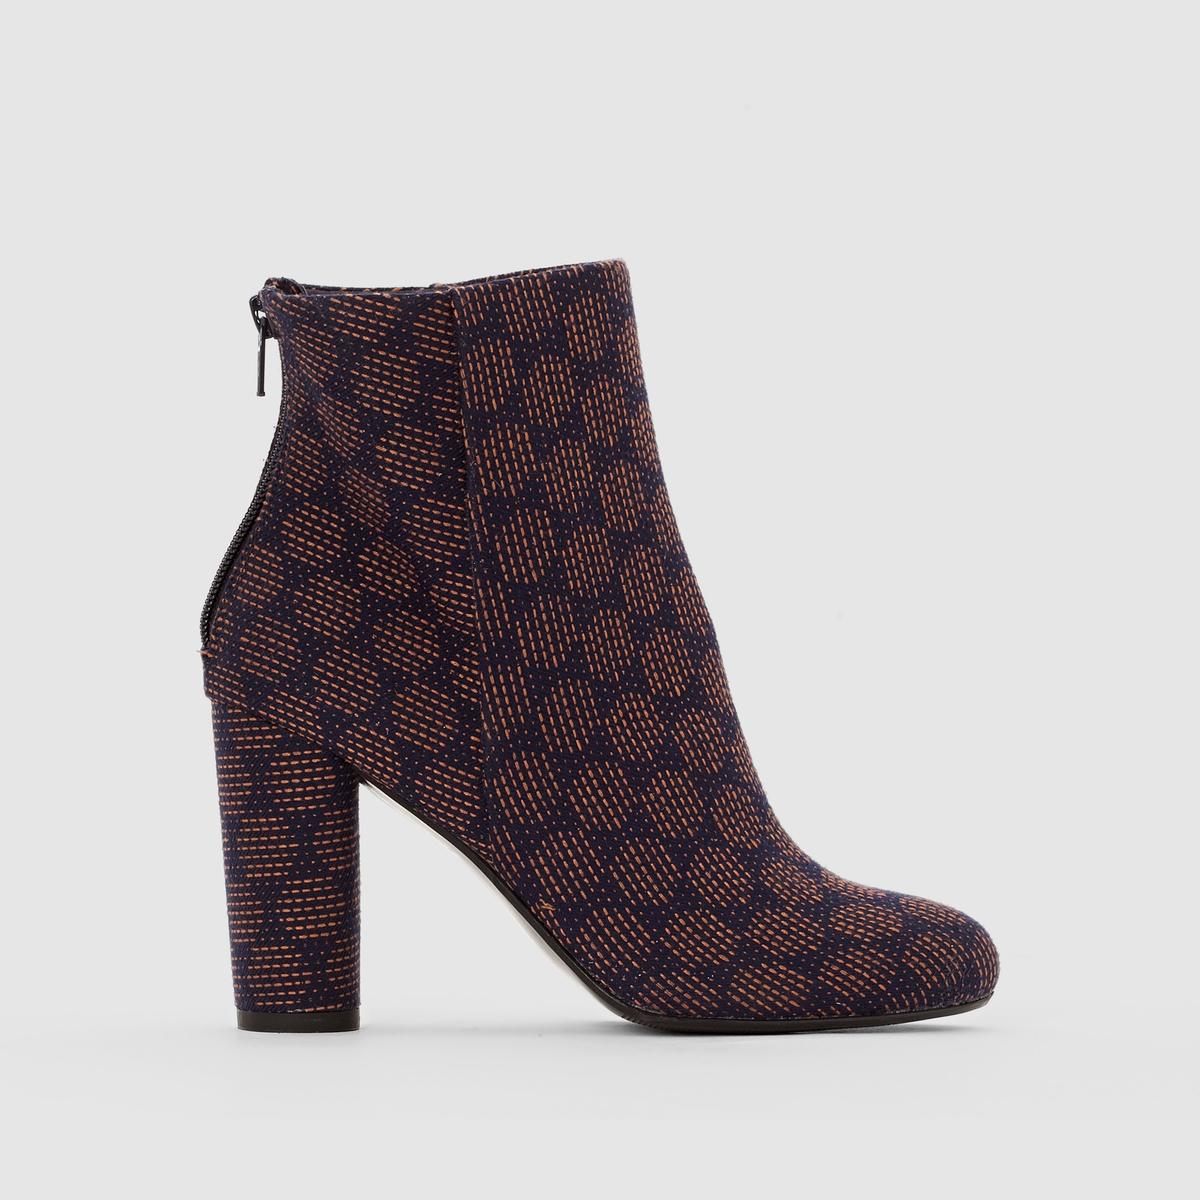 Ботильоны с рисунком на каблукеМарка : Mademoiselle R. ВерхВерх : текстильПодкладка : текстильСтелька : кожа.Подошва : из эластомера.Высота каблука : 9 см.Форма каблука: широкая Носок: круглый Застежка : на молнии сбоку<br><br>Цвет: рисунок темно-синий<br>Размер: 39.37.36